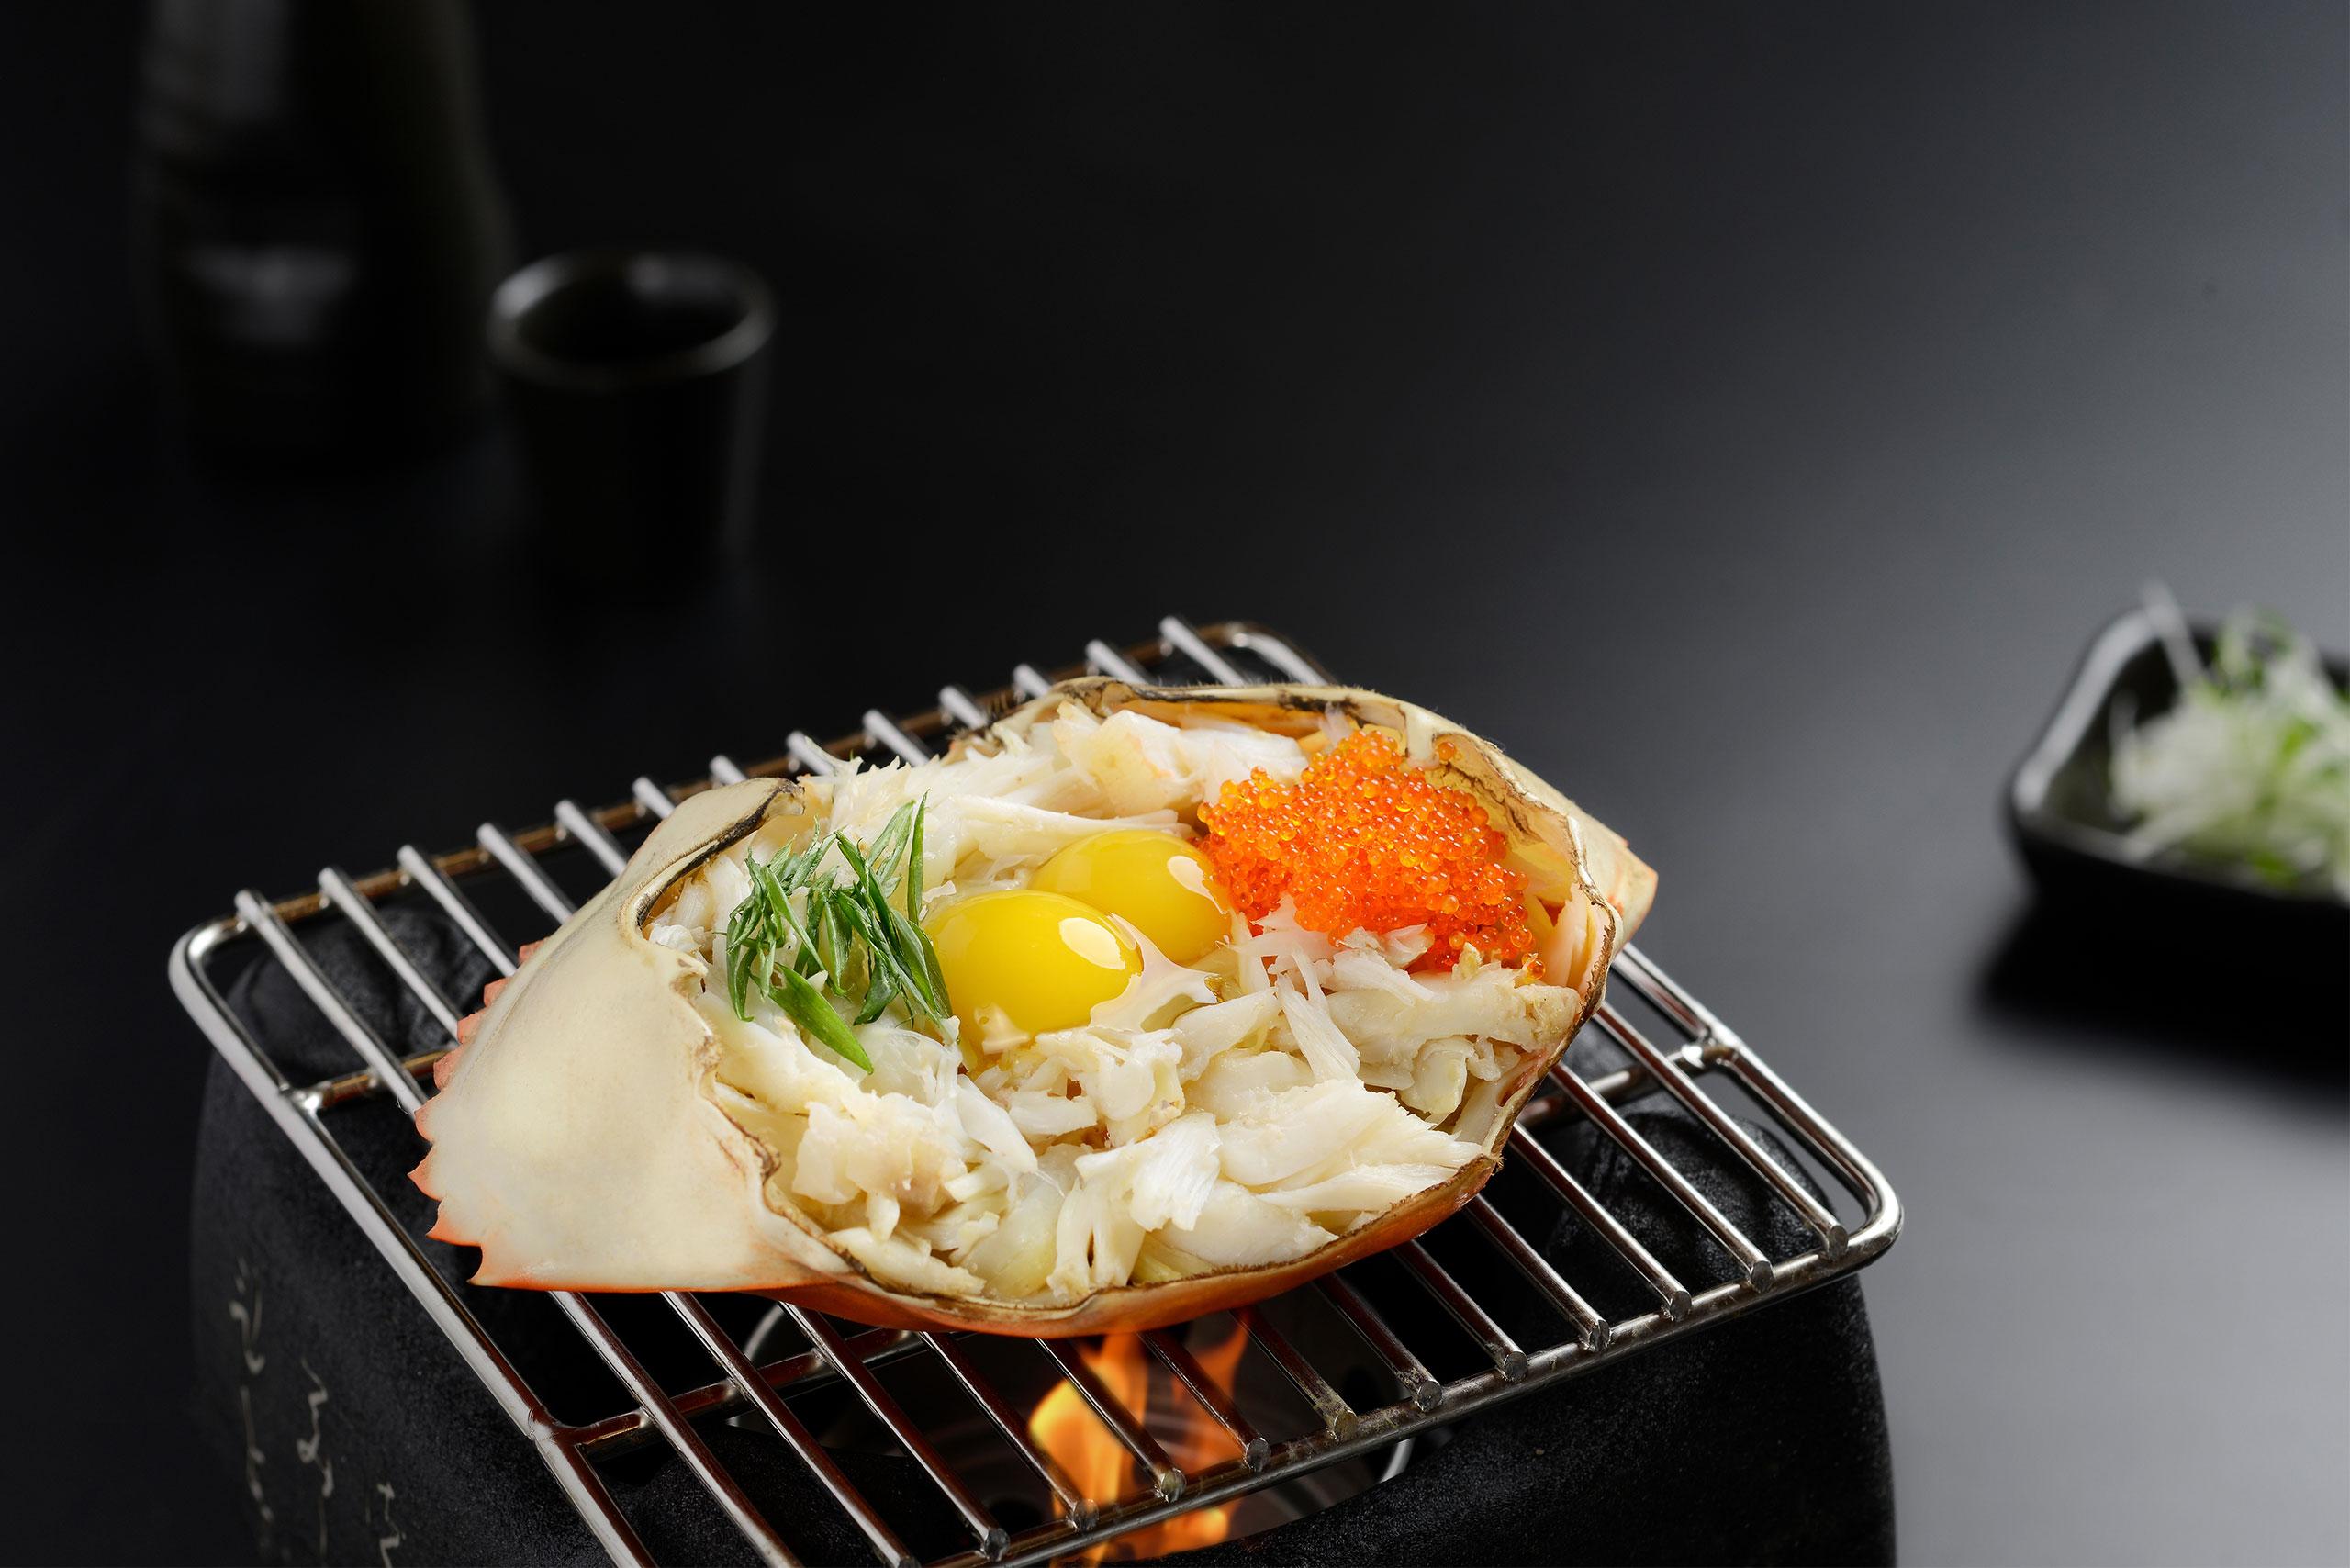 thit-cua-nướng-với-nấm